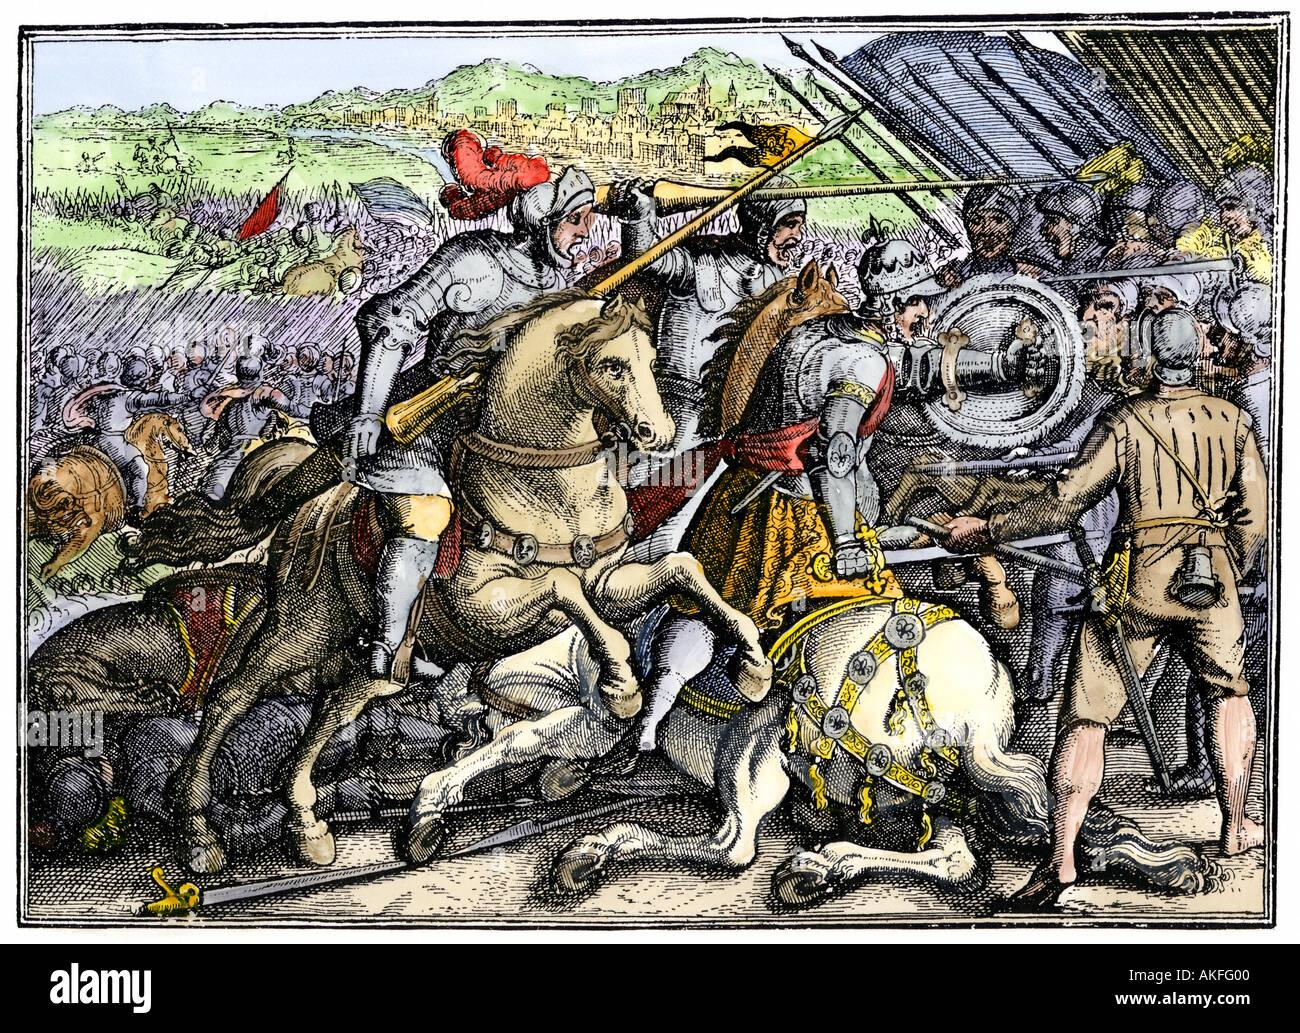 Der französische König Franz I. gefangen genommen in Pavia während des Krieges mit dem Heiligen Römischen Reich 1525. Hand - farbige Holzschnitt Stockbild